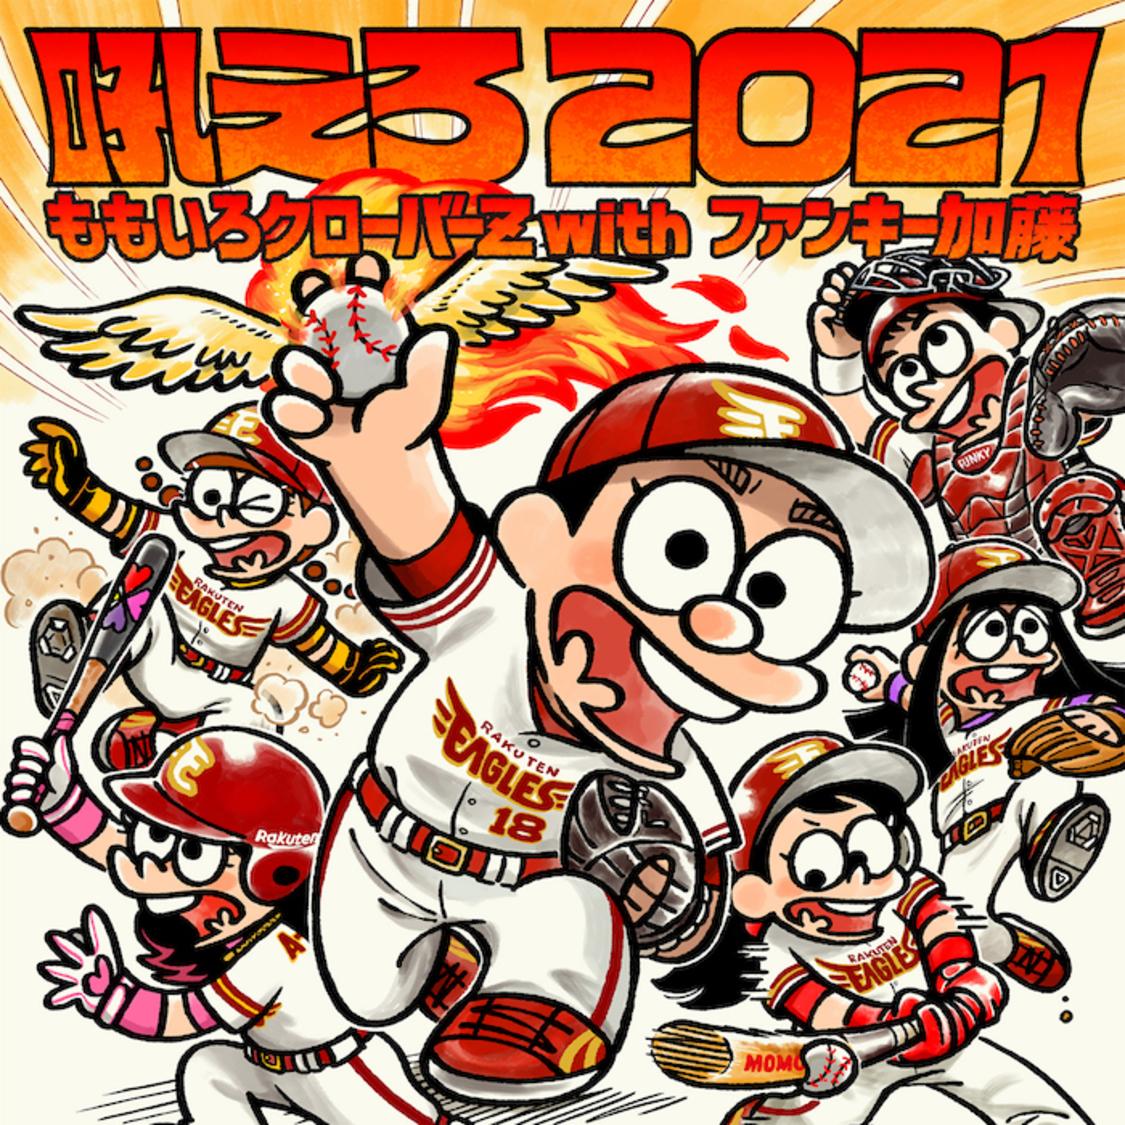 ももクロ、田中将大投手の応援歌「吼えろ 2021」7/2より配信スタート+ニイルセンが描いたジャケット写真公開!